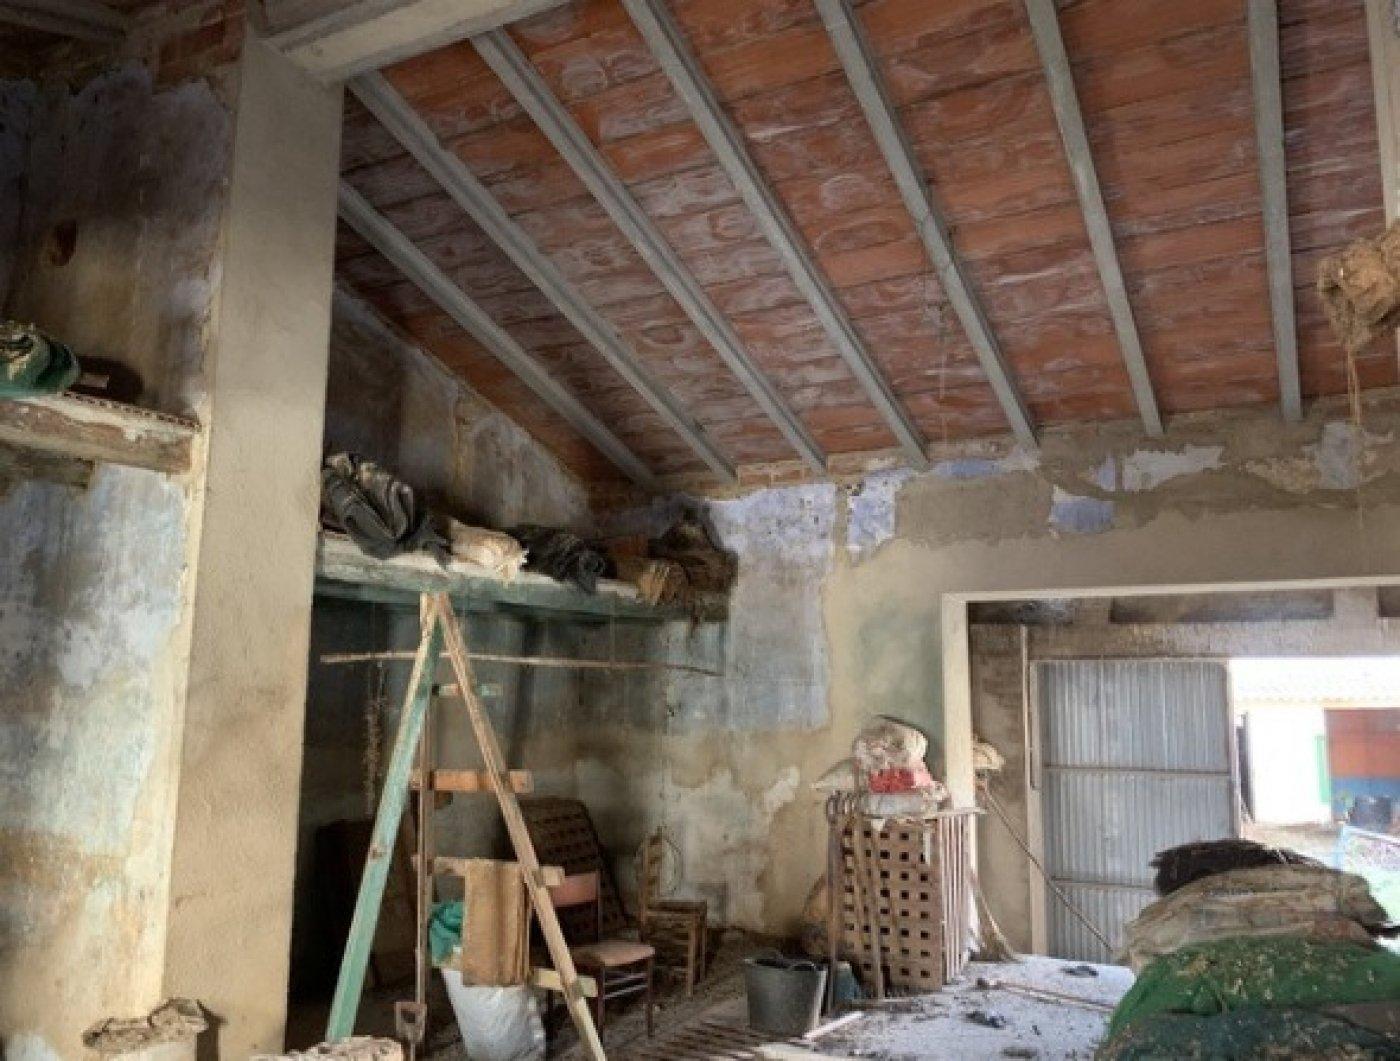 Casa almacén solar a rehabilitar en vendrell centro - imagenInmueble2